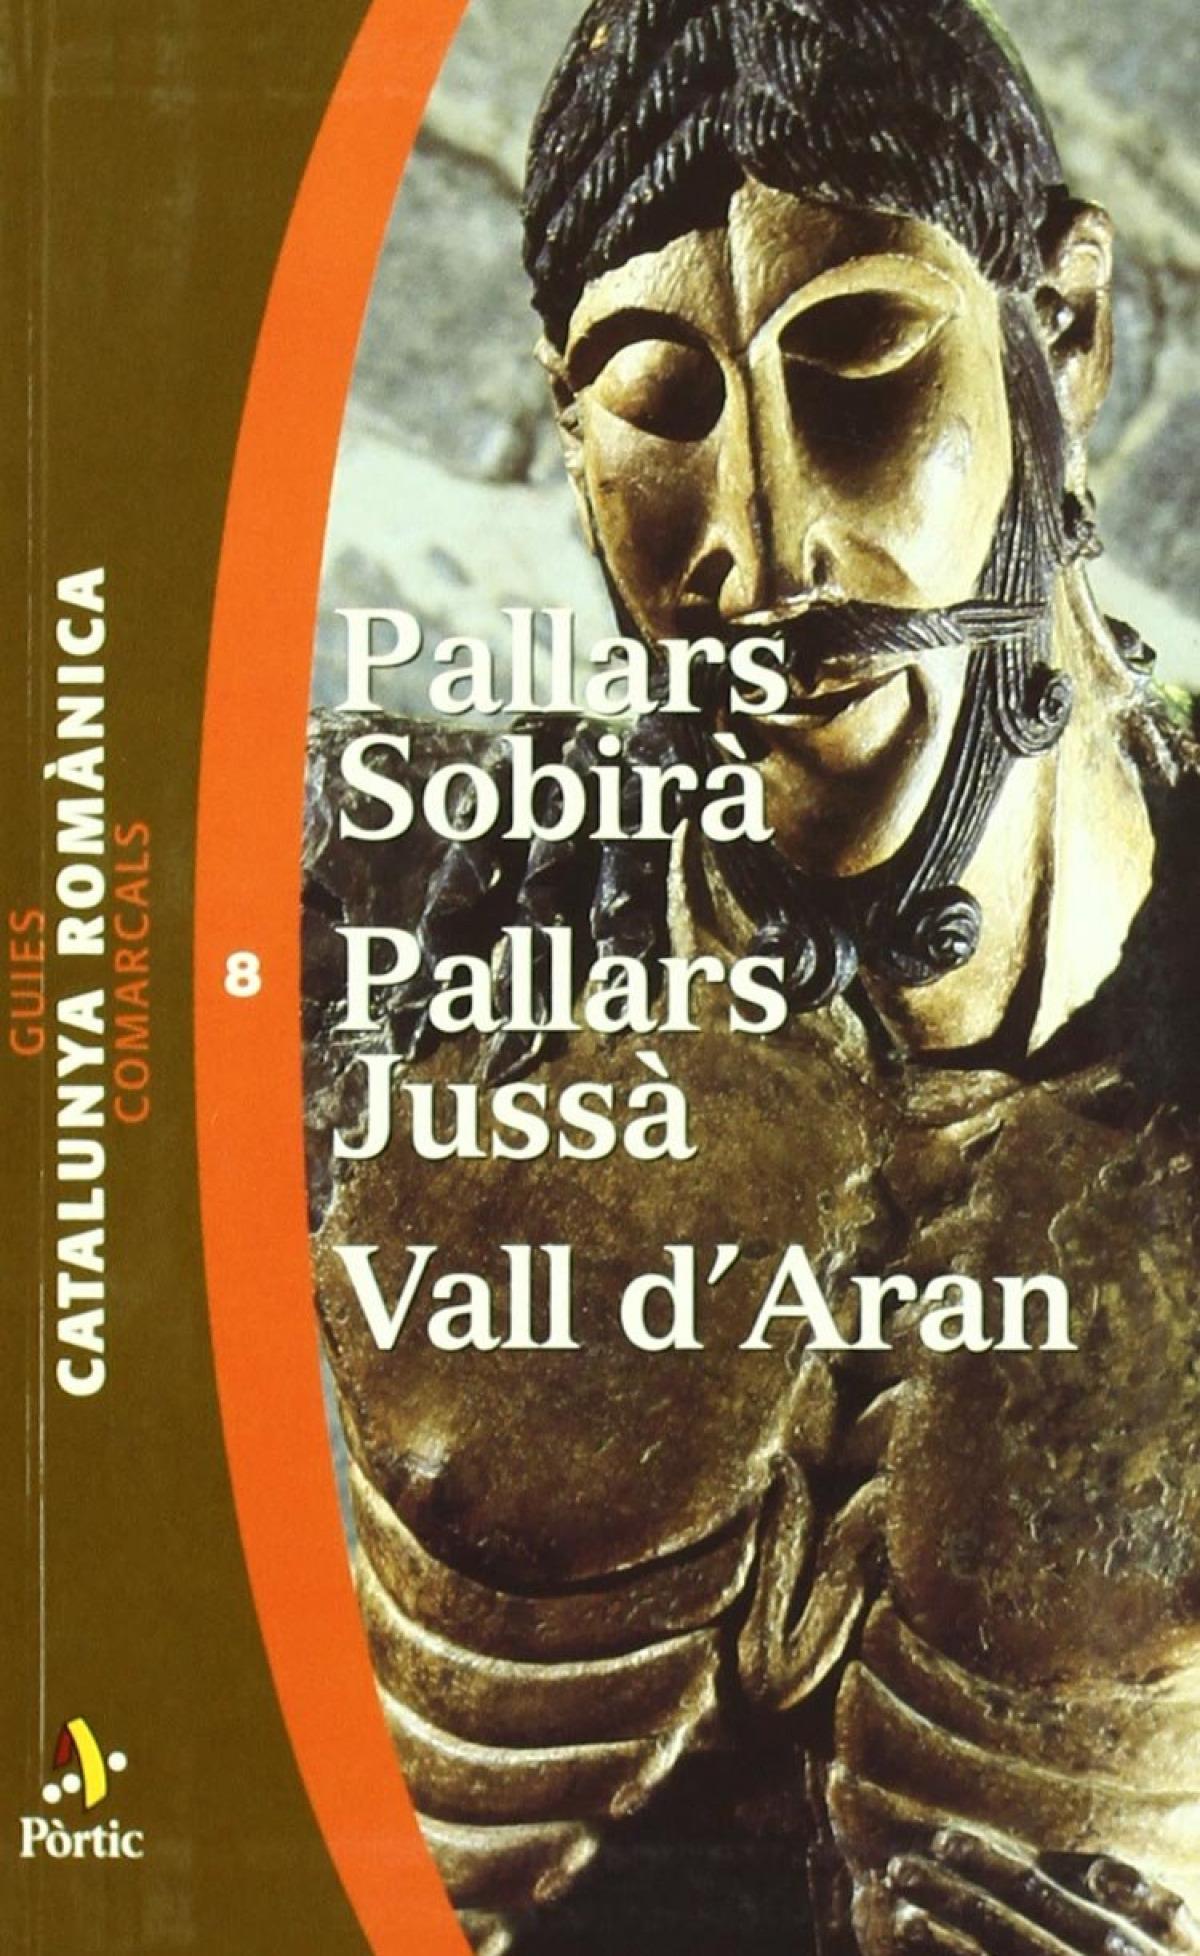 Pallars Sobirà, Pallars Jussà, Vall d Aran 9788473066099